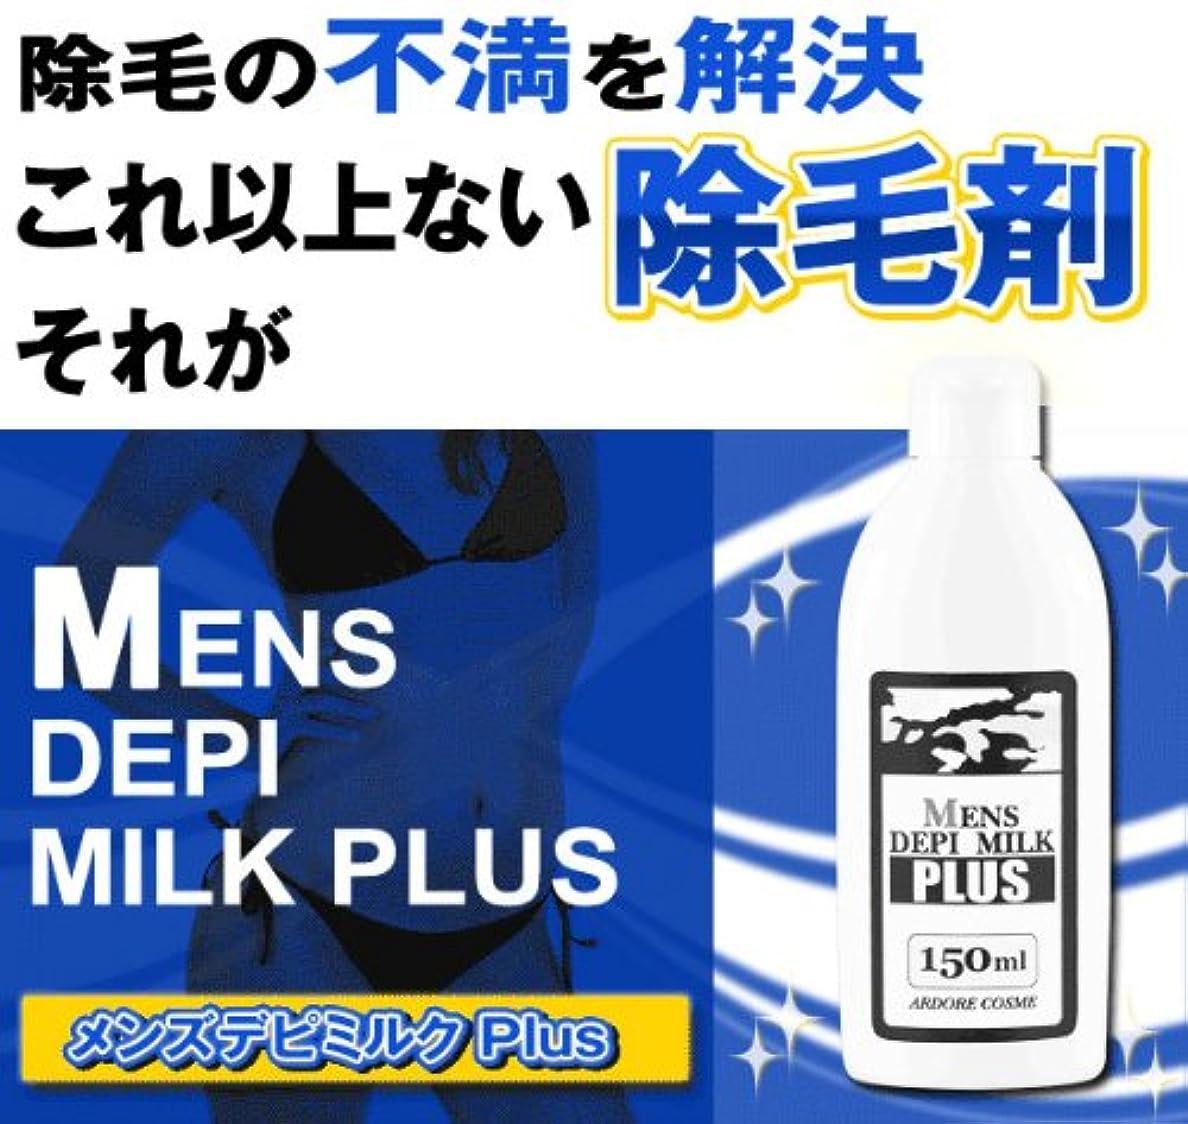 お世話になったヒゲクジラ逮捕薬用メンズデピミルクプラス 150ml(薬用除毛クリーム)医薬部外品